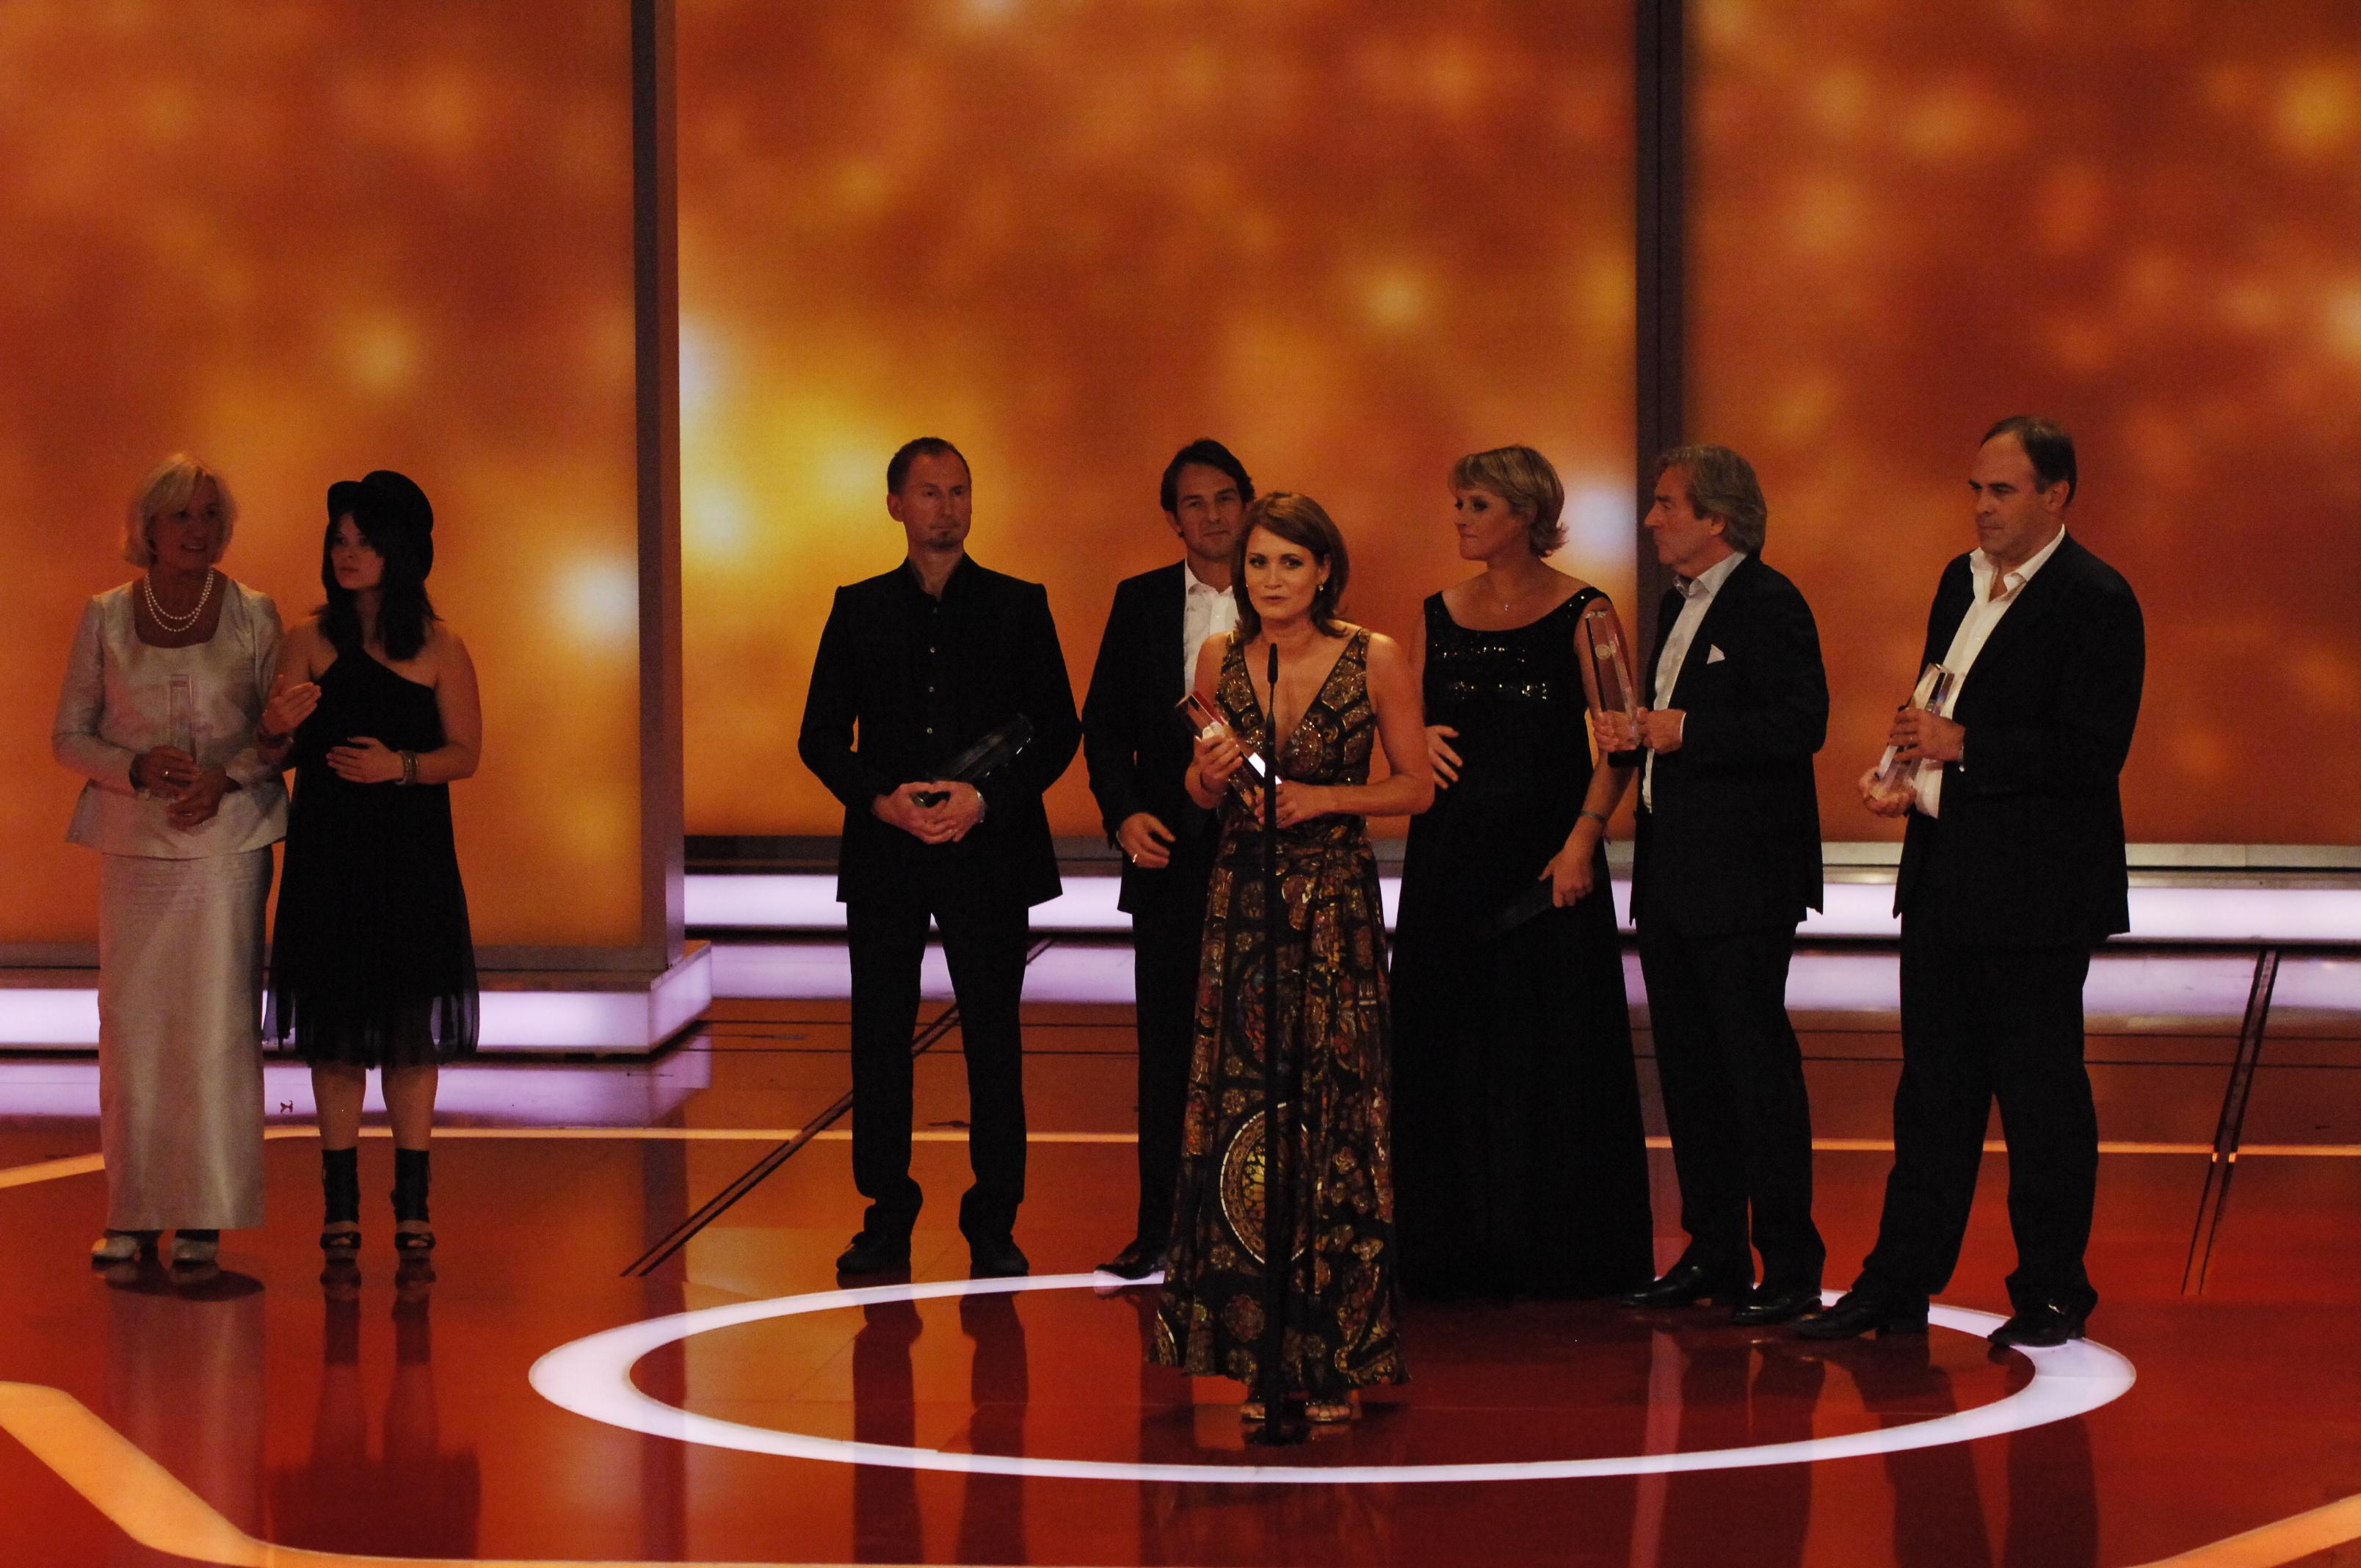 Bester Mehrteiler: Anja Kling und das Team von Wir sind das Volk